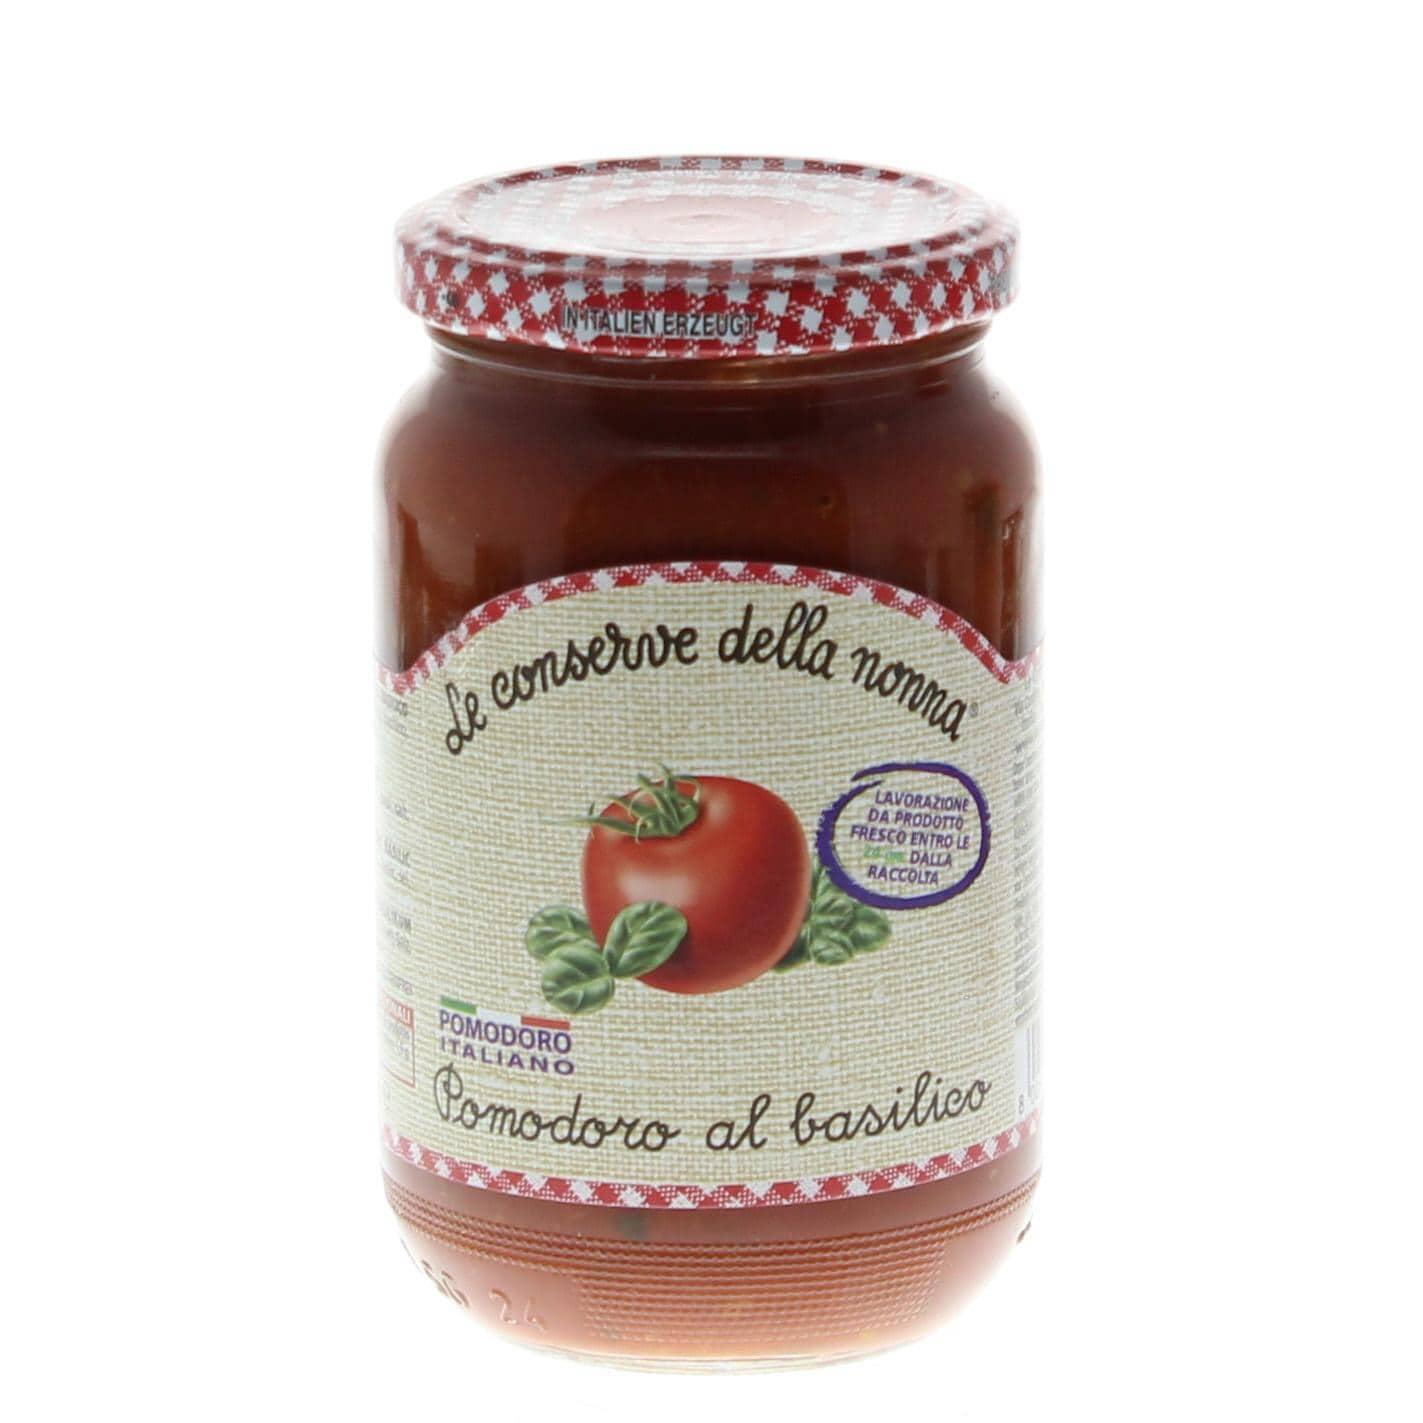 Le conserve della nonna - Tomatensauce - 350g